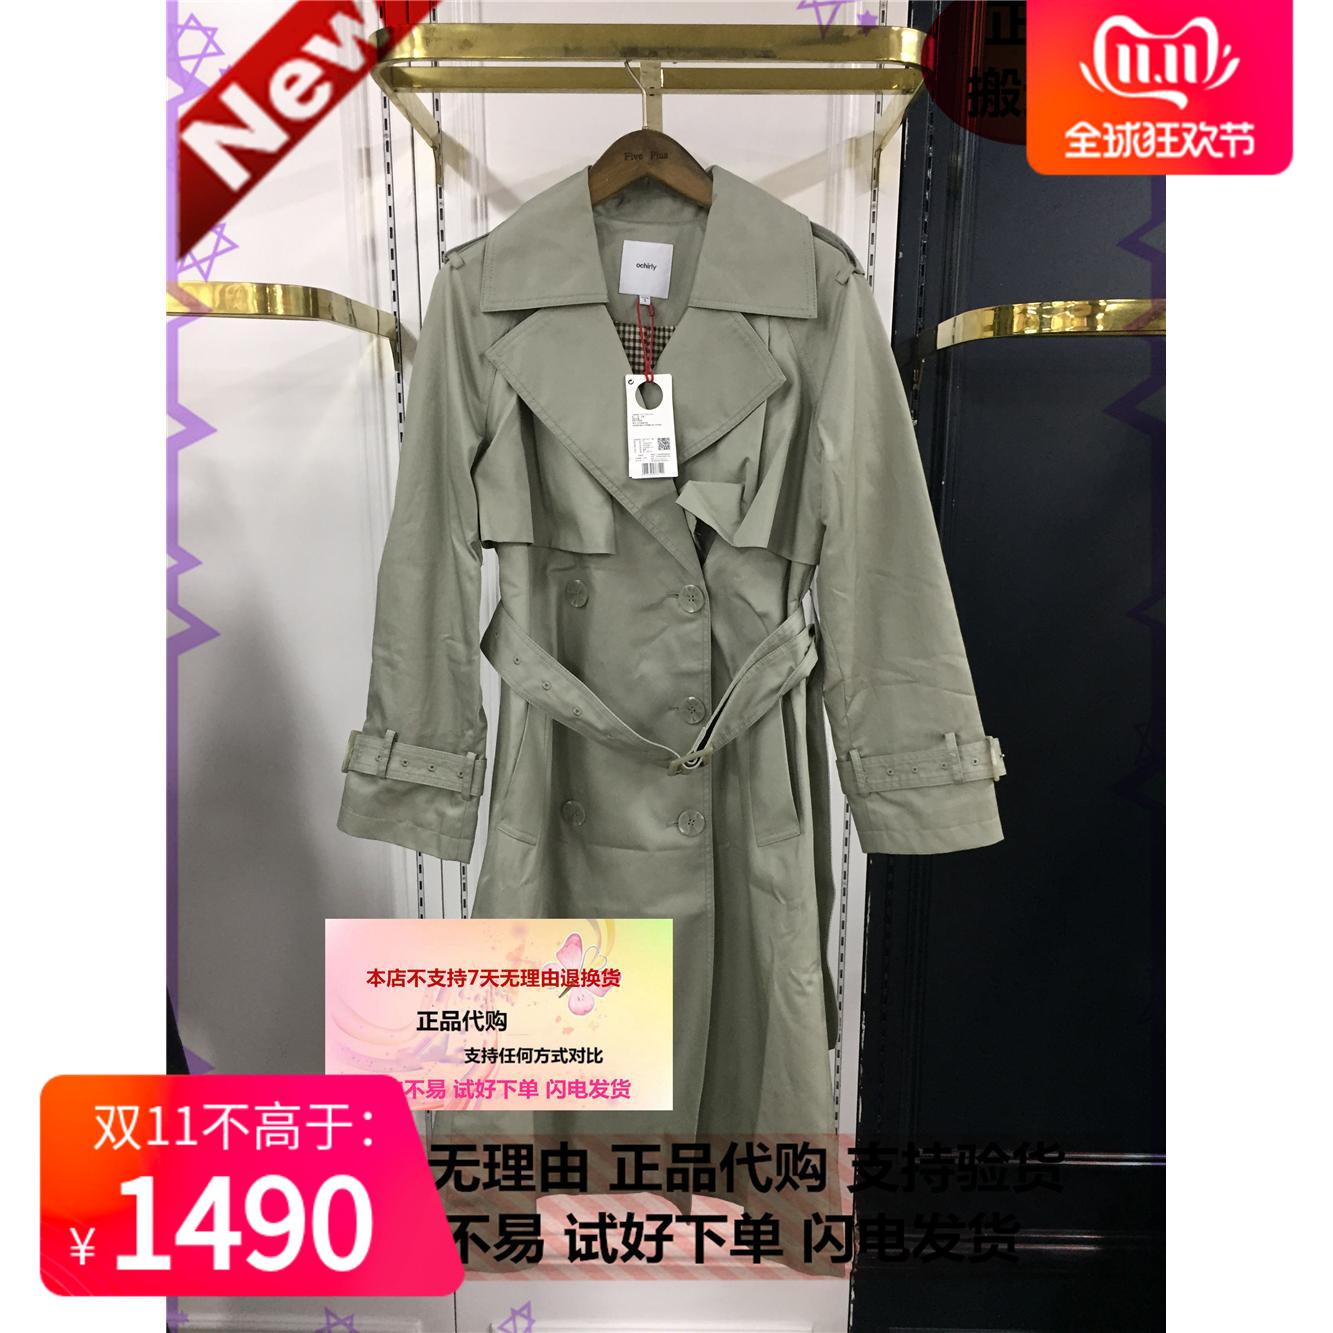 现货Ochirly专柜欧时女力国内代购219秋9A双排扣长风衣1ZY3050760